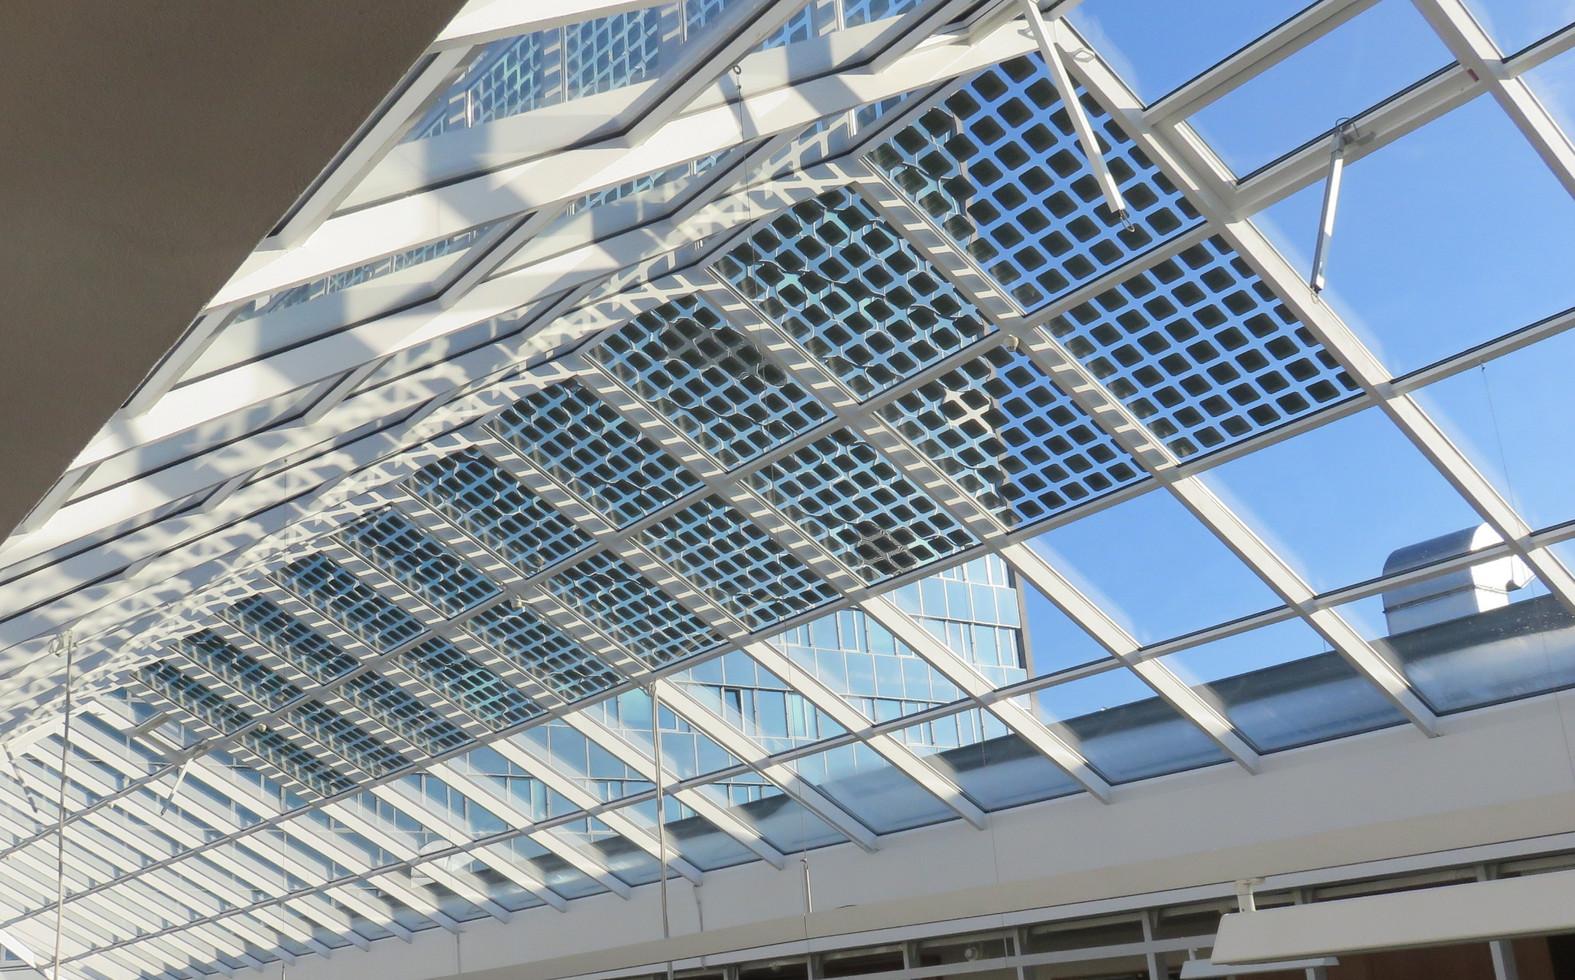 Atrium Fakulty Stavební ČVUT.  Revitalizace zastřešení pomocí fotovoltaických izolačních dvojskel. Návrh, výroba fotovoltaických panelů a osazení včetně připojení do sítě.